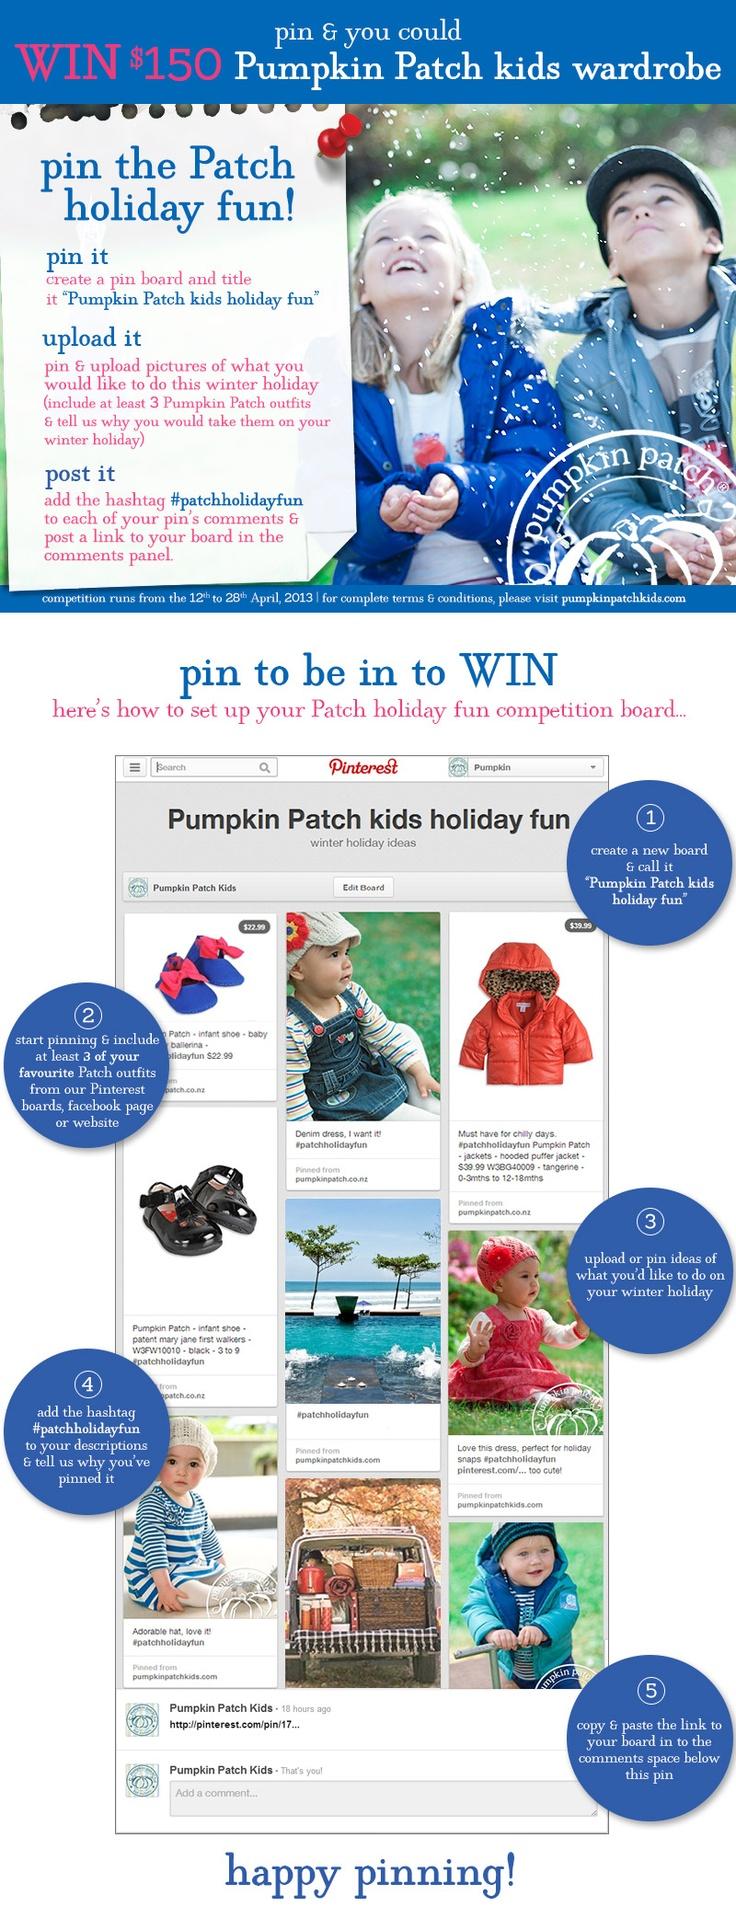 http://pinterest.com/raeref/pumpkin-patch-kids-holiday-fun/